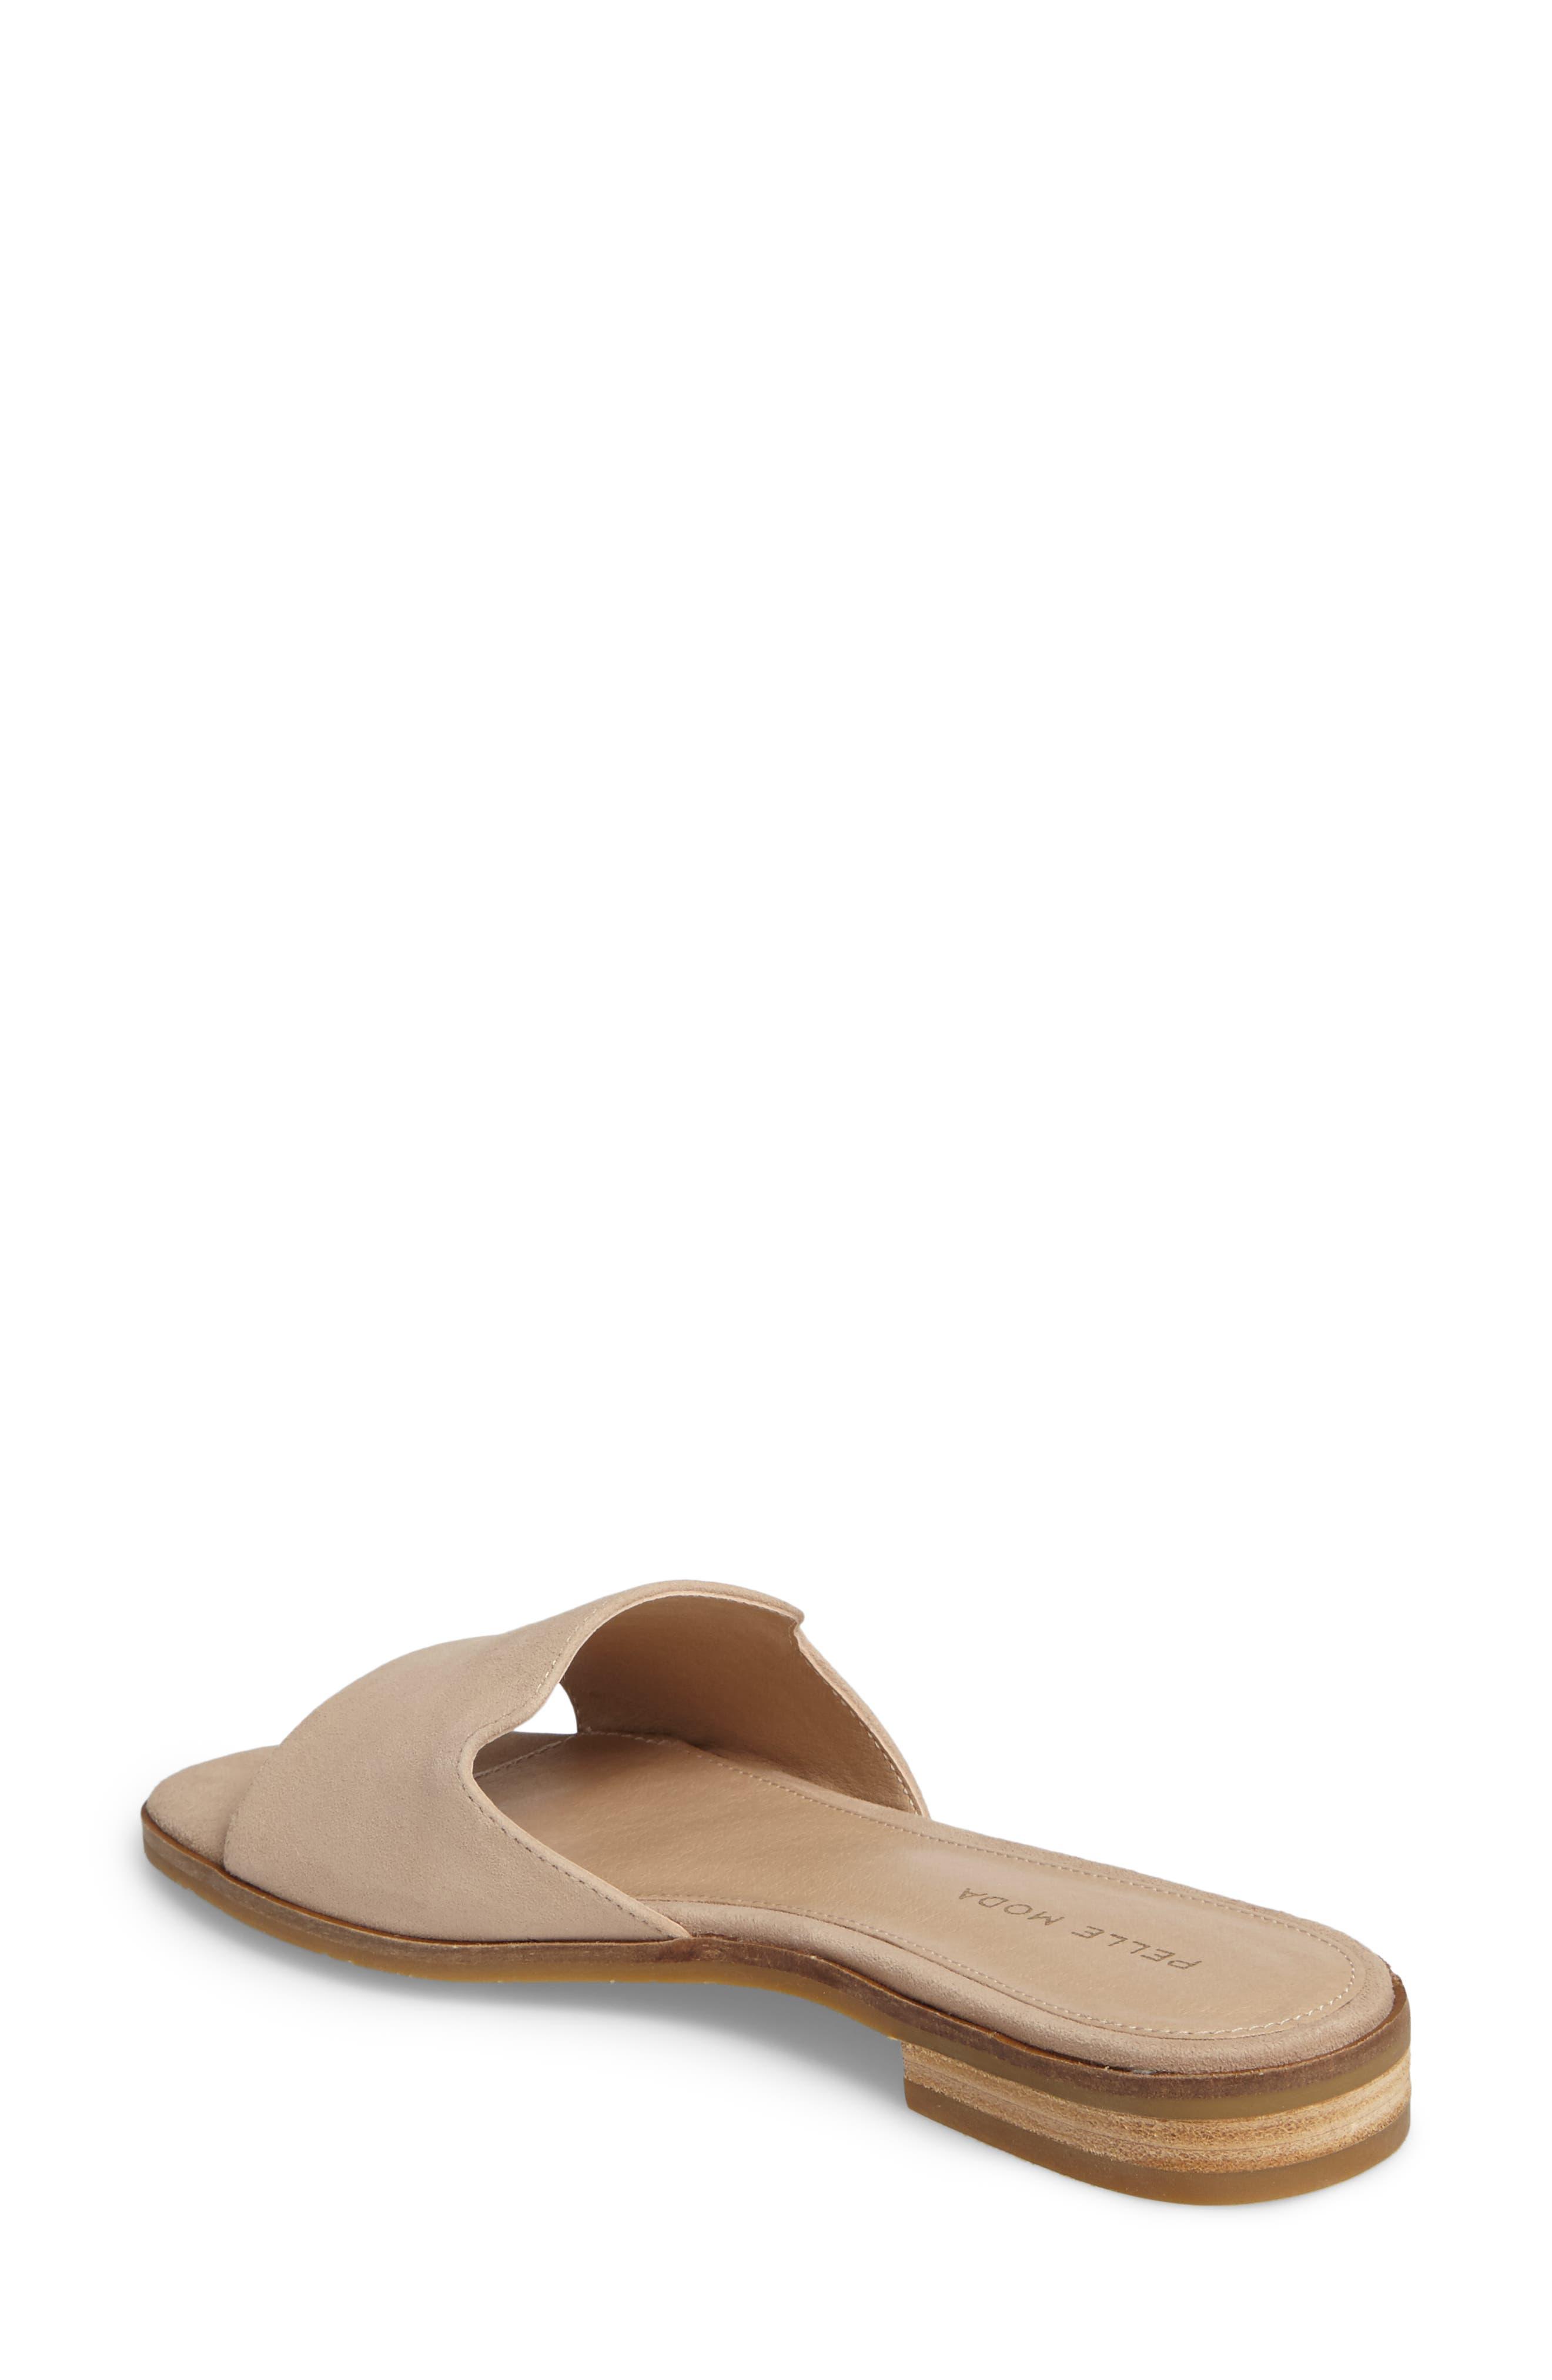 Alternate Image 2  - Pelle Moda Hailey Slide Sandal (Women)